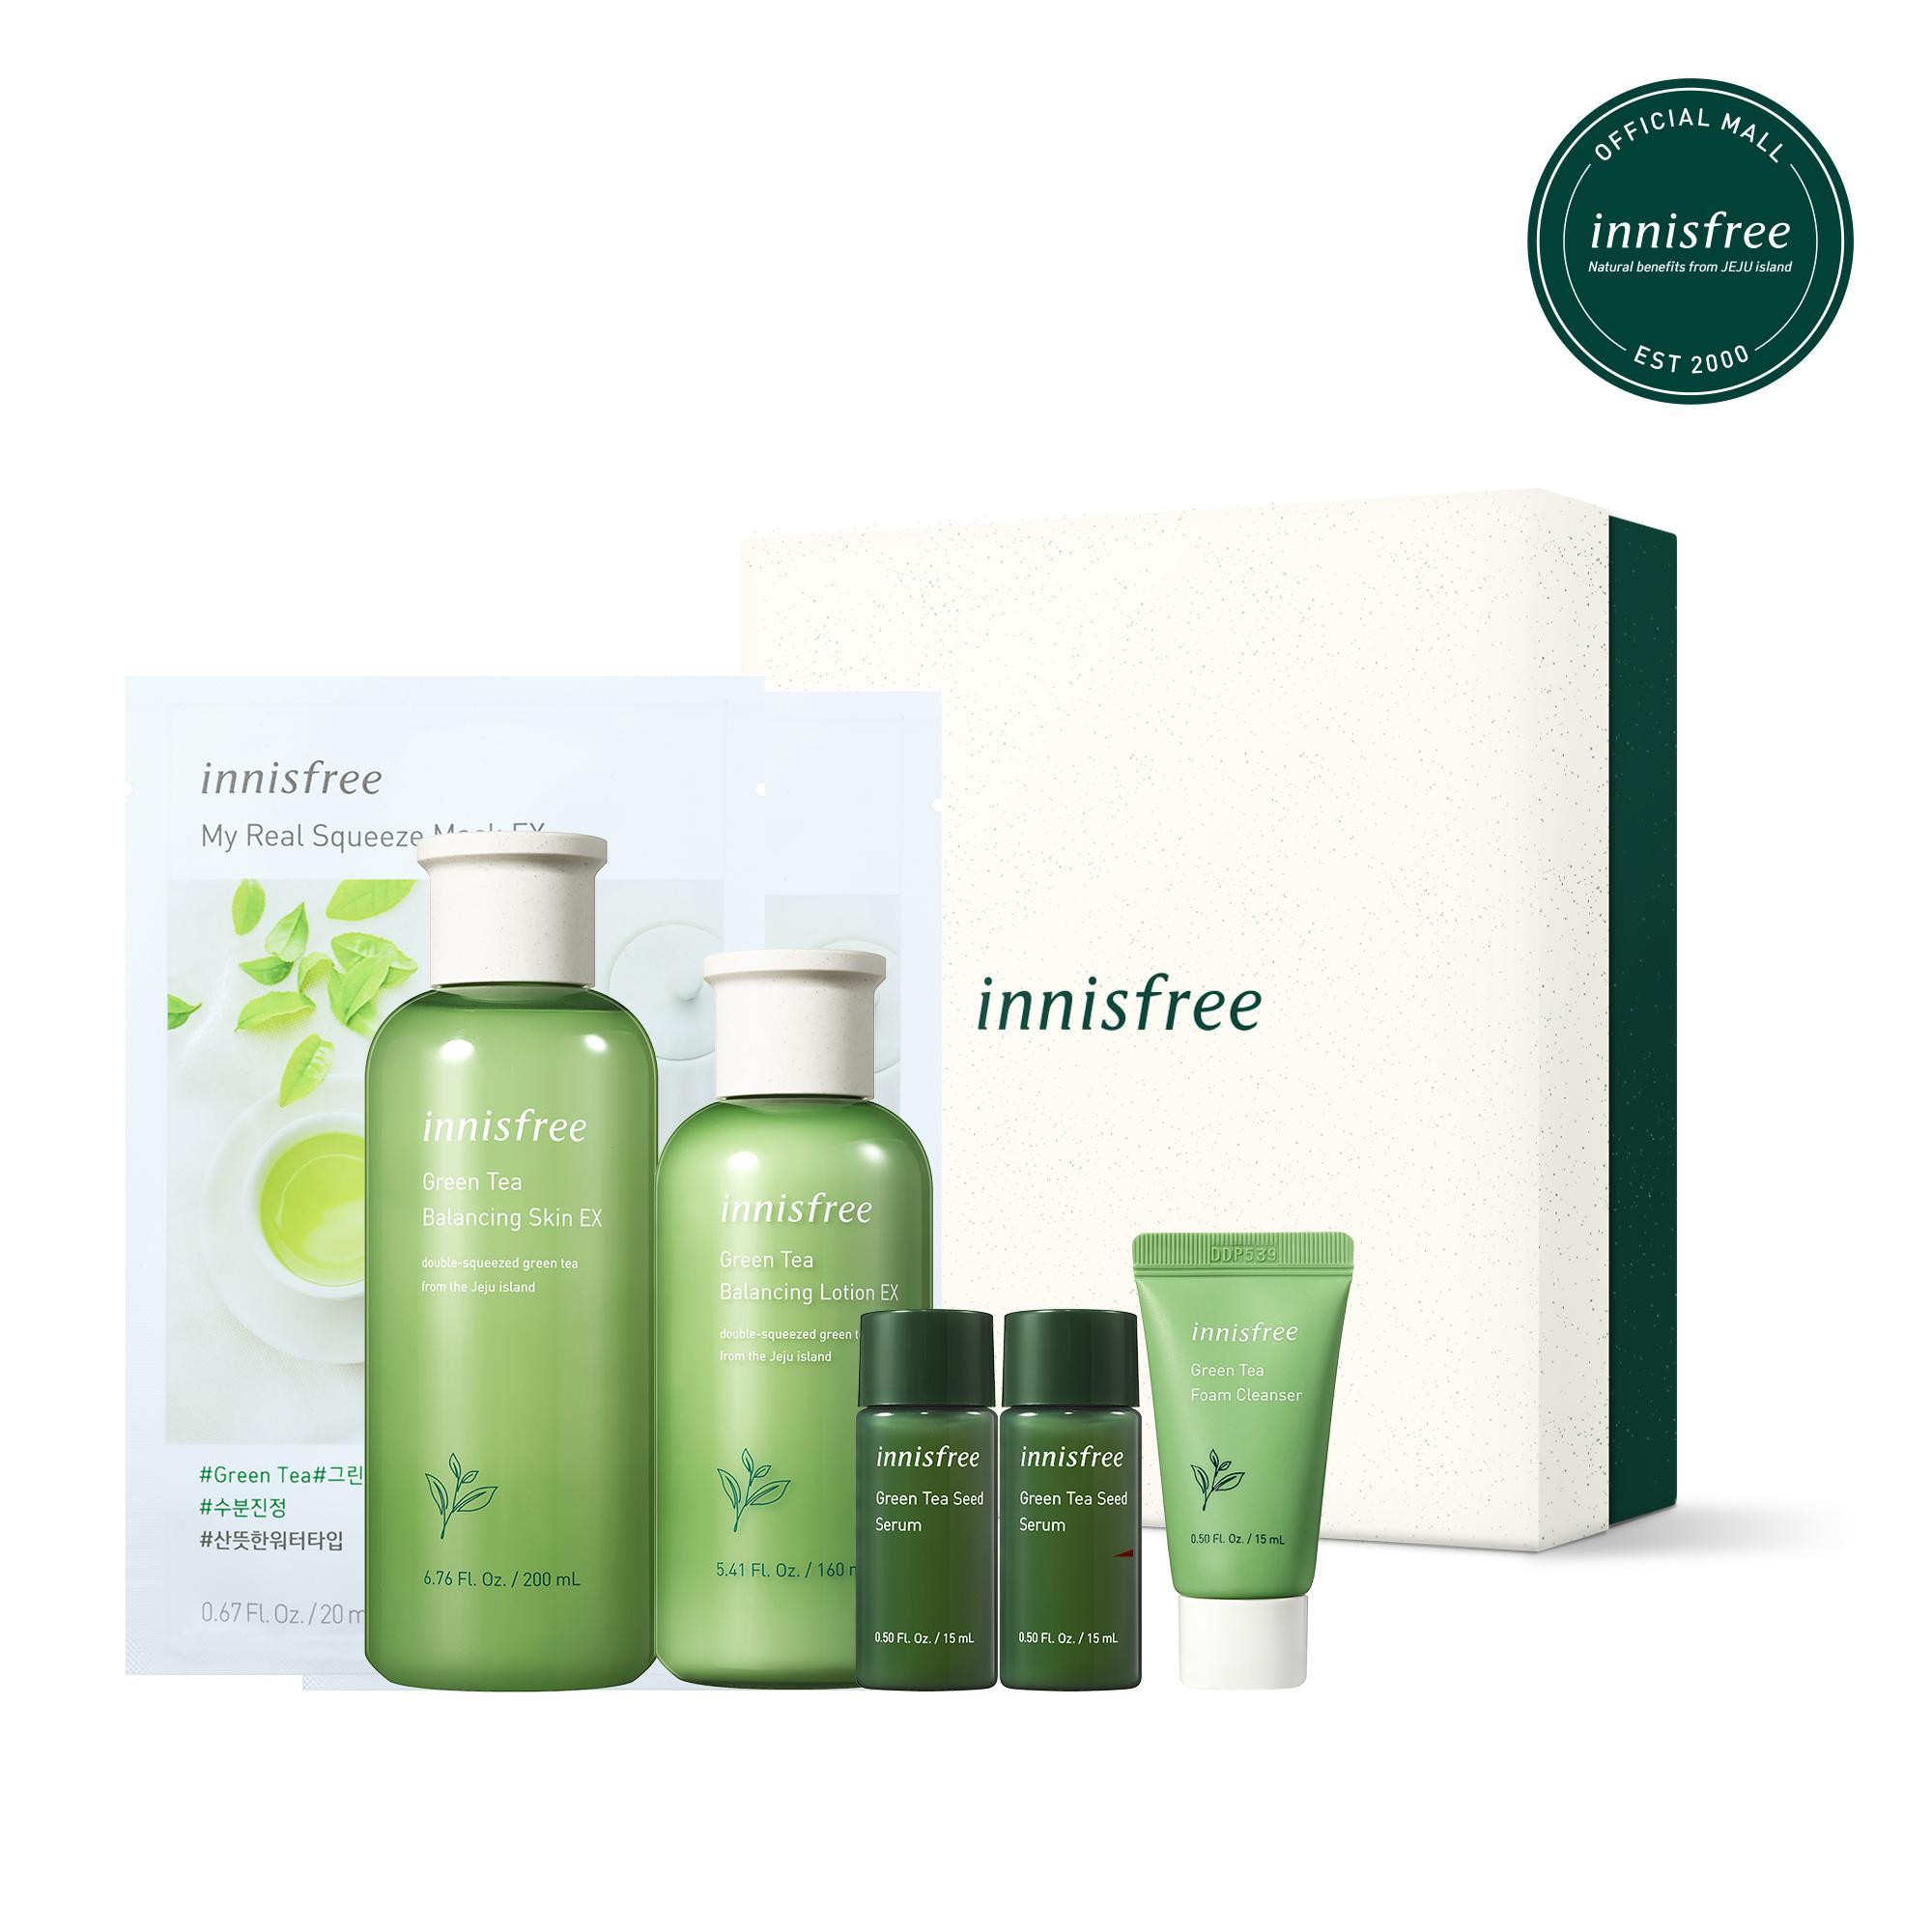 Bộ sản phẩm 5 bước chăm sóc độ ẩm toàn diện từ trà xanh innisfree Green Tea Set nhập khẩu